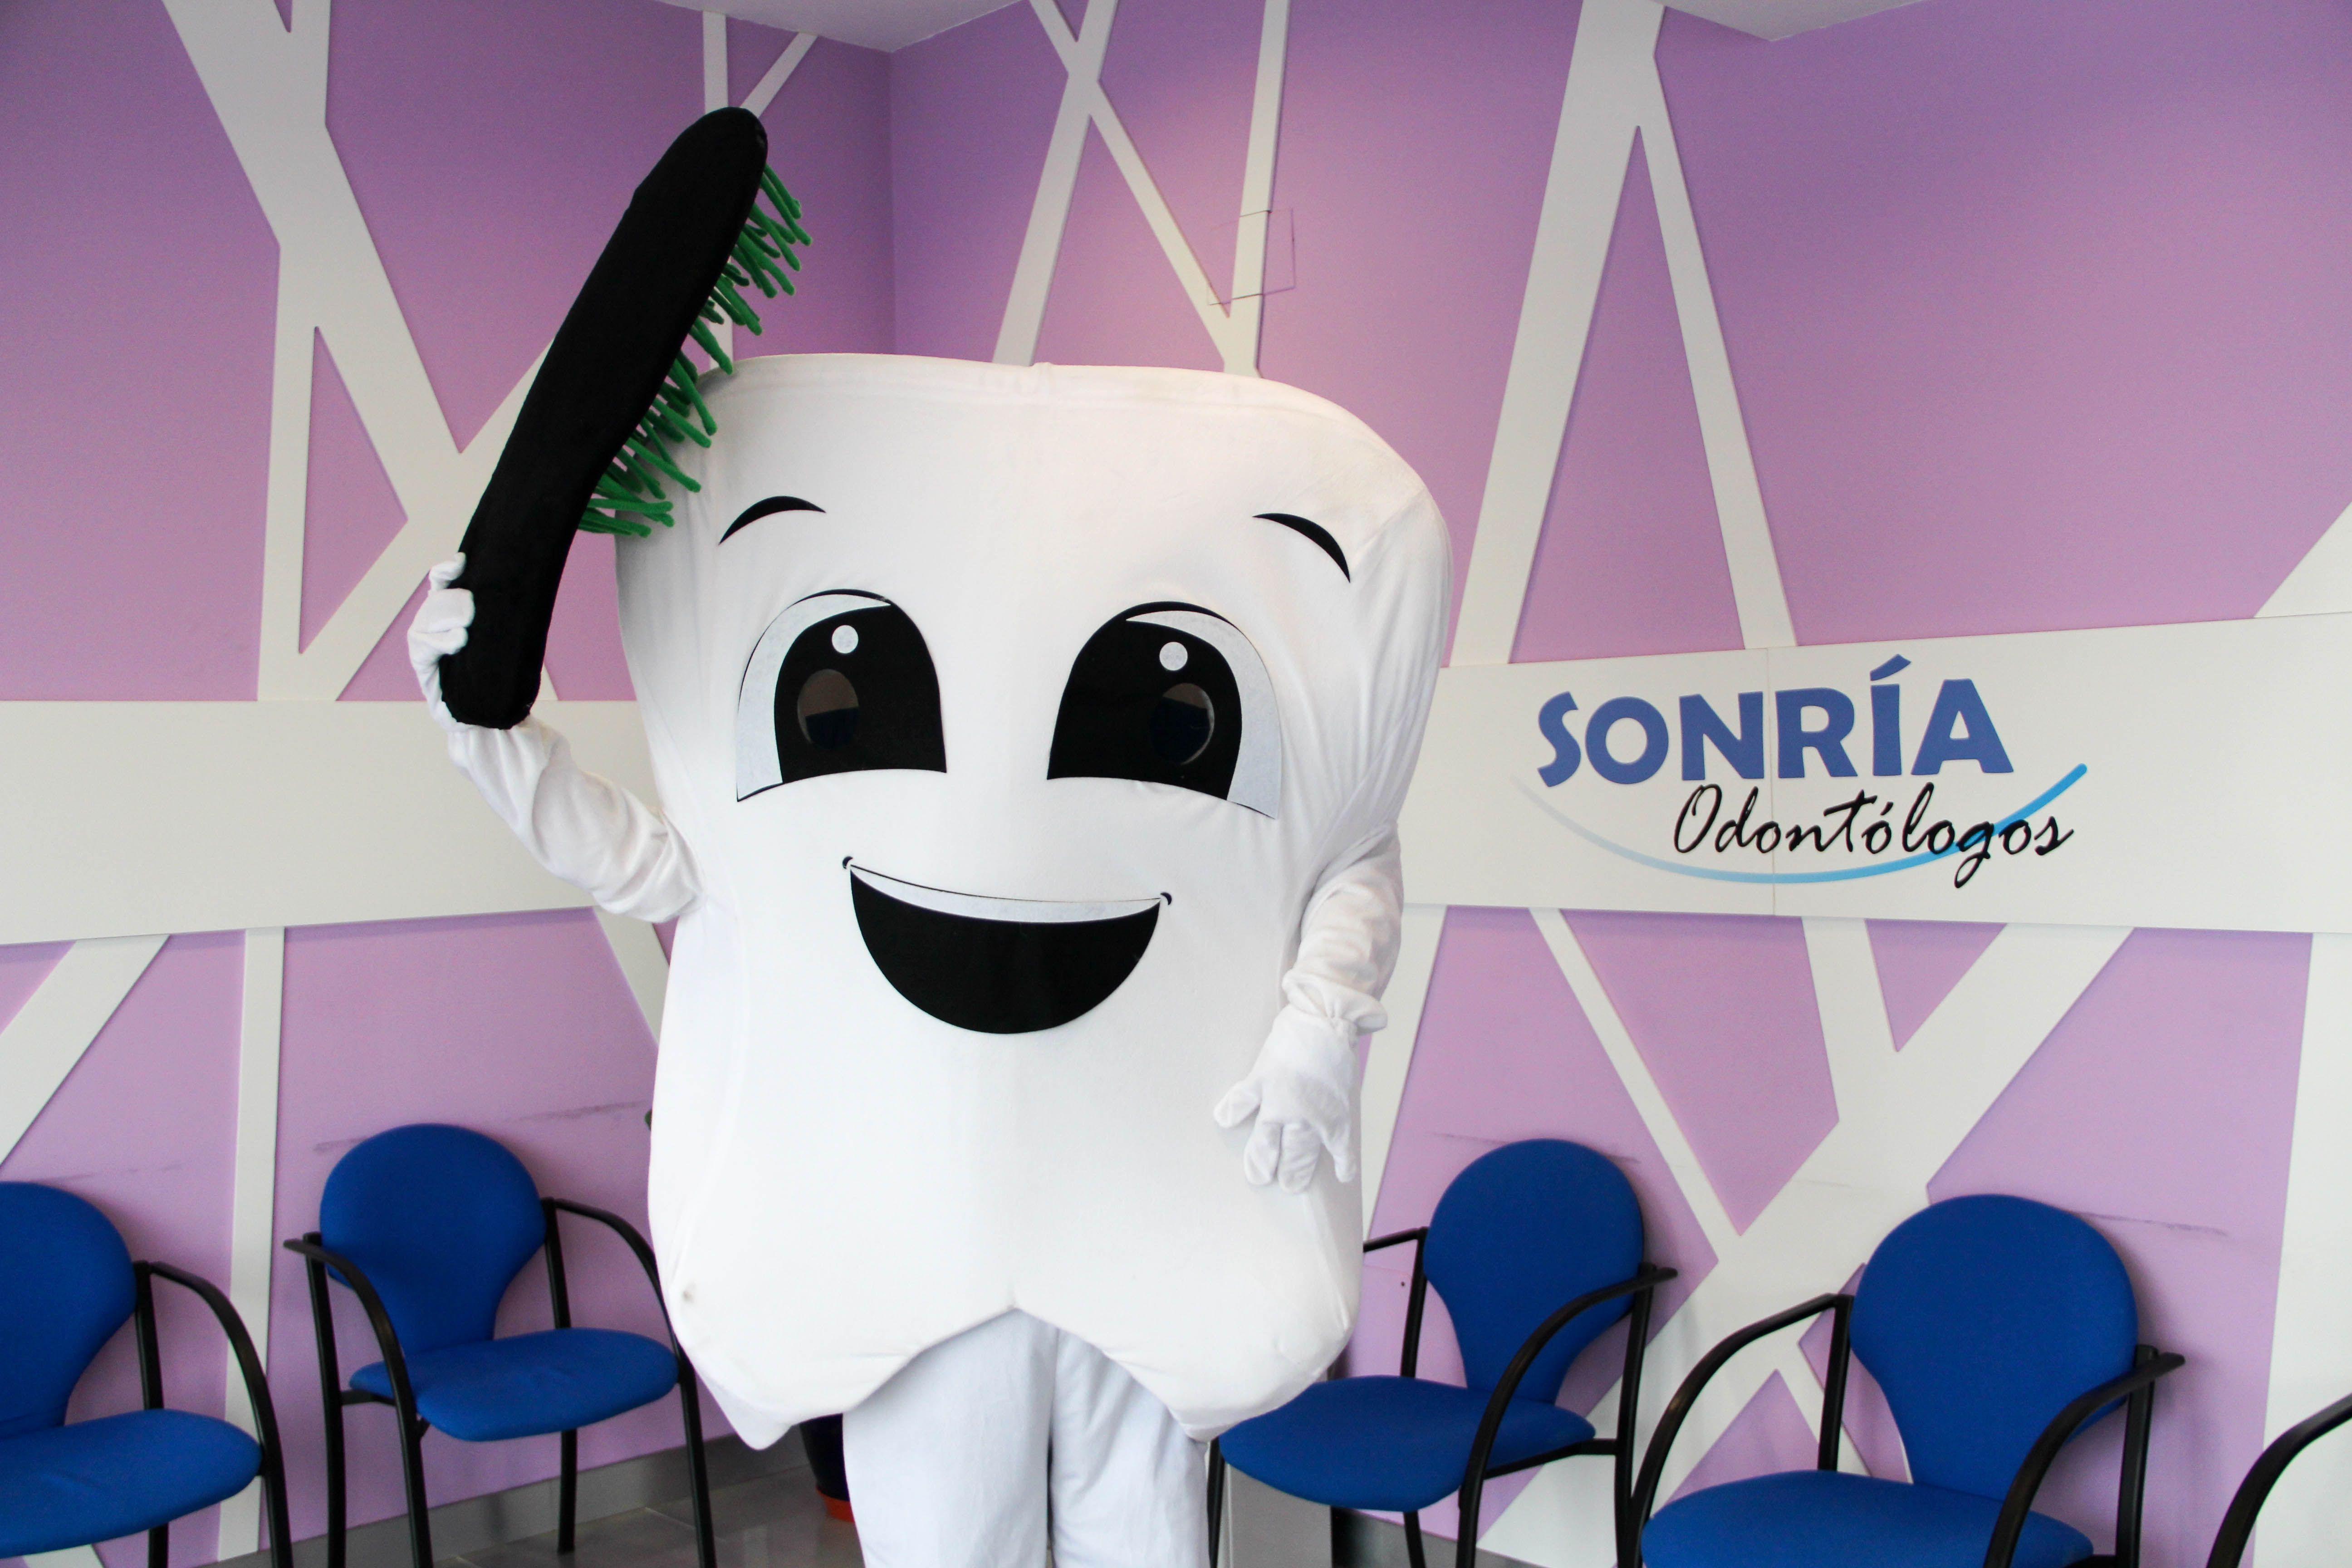 Sonría Odontólogos en Fuenlabrada, Madrid